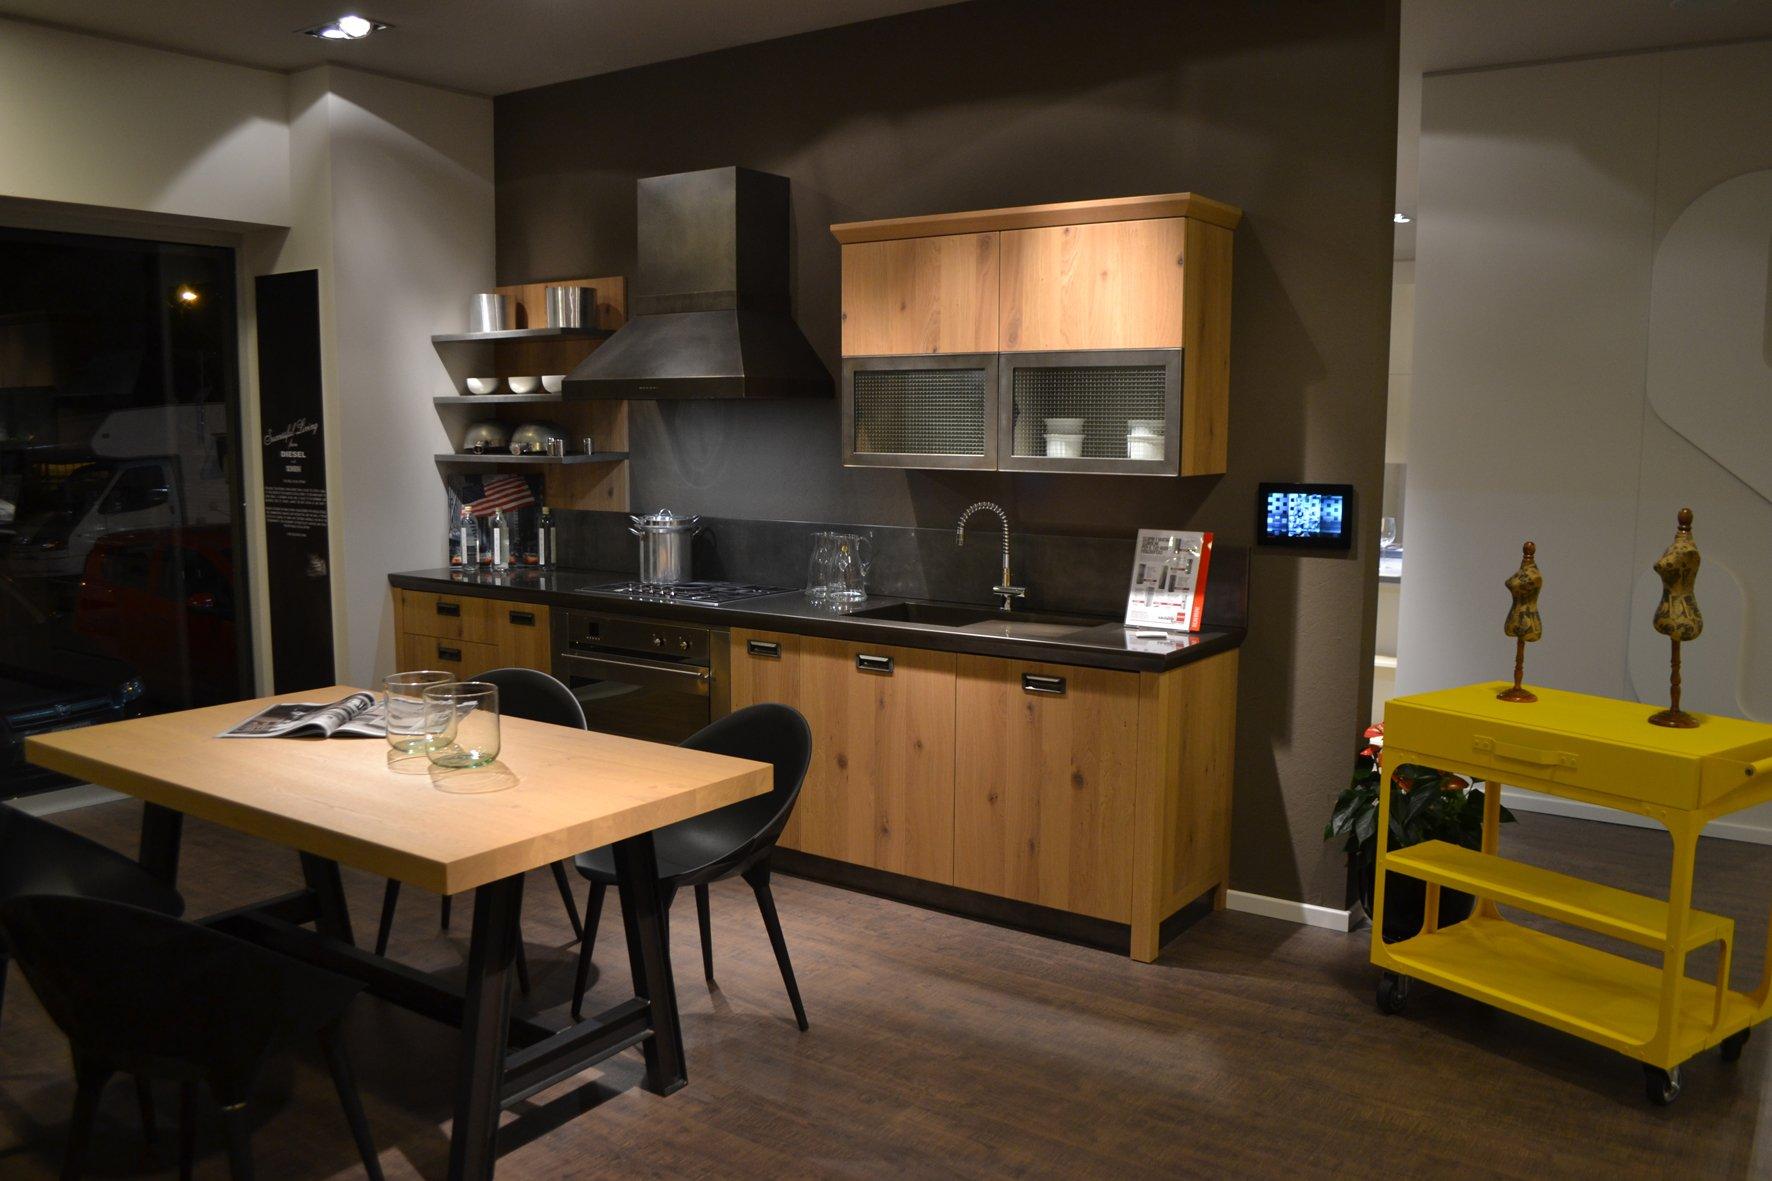 Cucine Scavolini Lainate : Scavolini apre un nuovo showroom a roma cose di casa